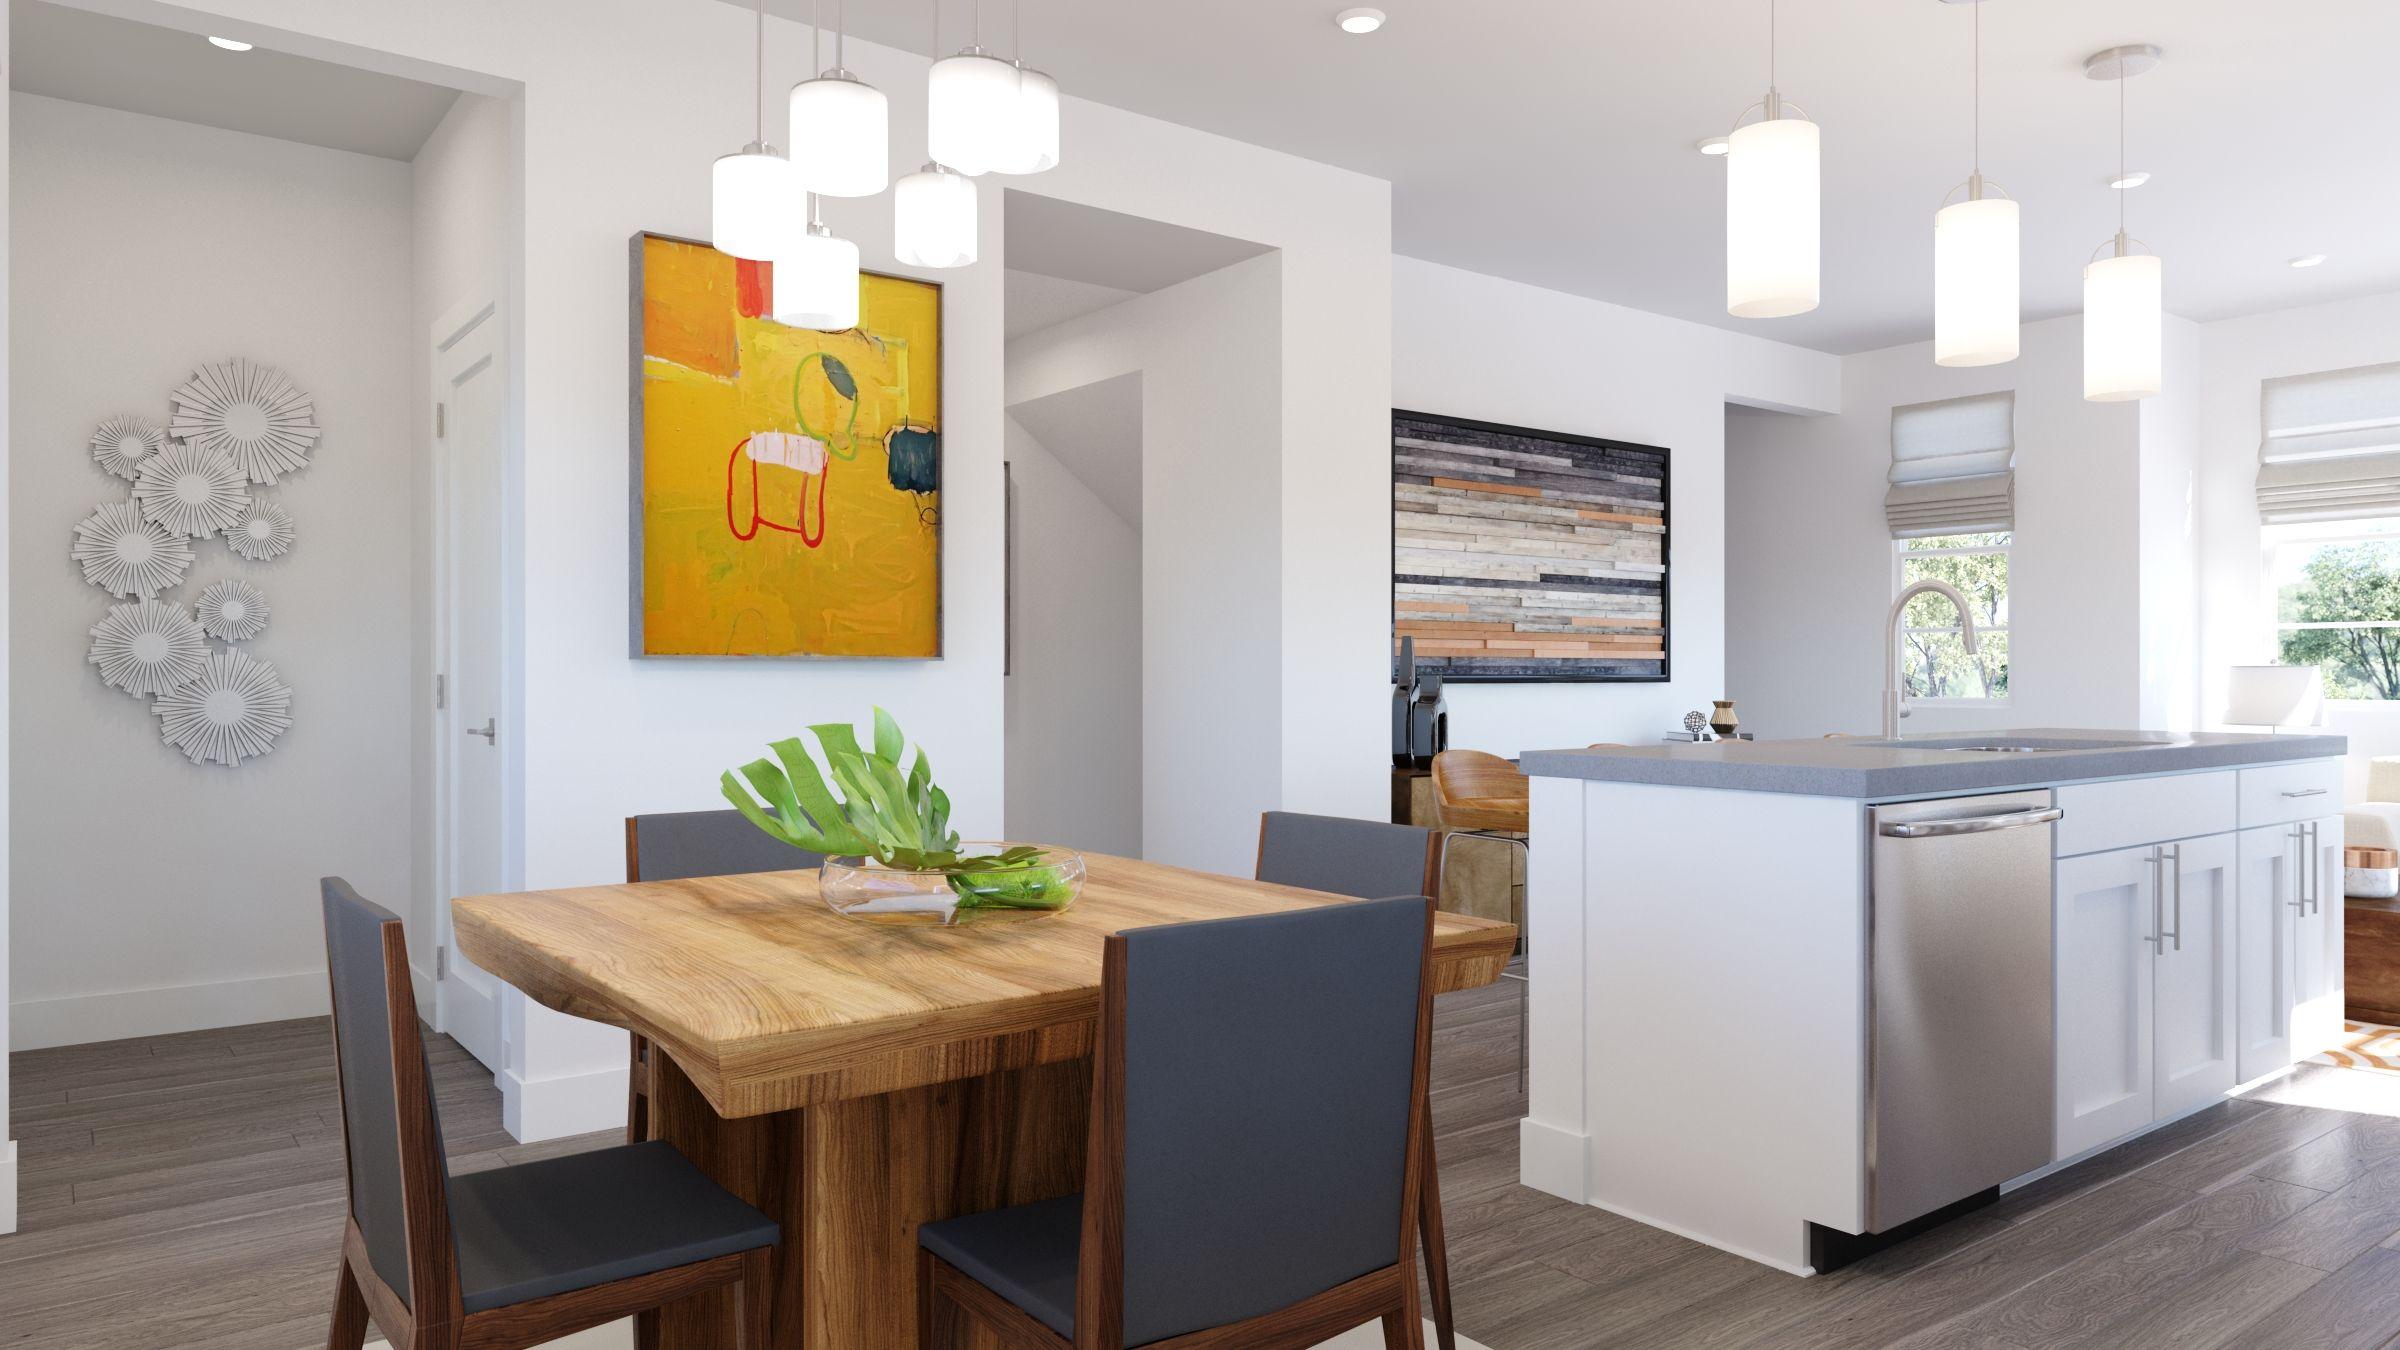 Kitchen featured in the Volara Plan 2 By Bonanni Development in Orange County, CA